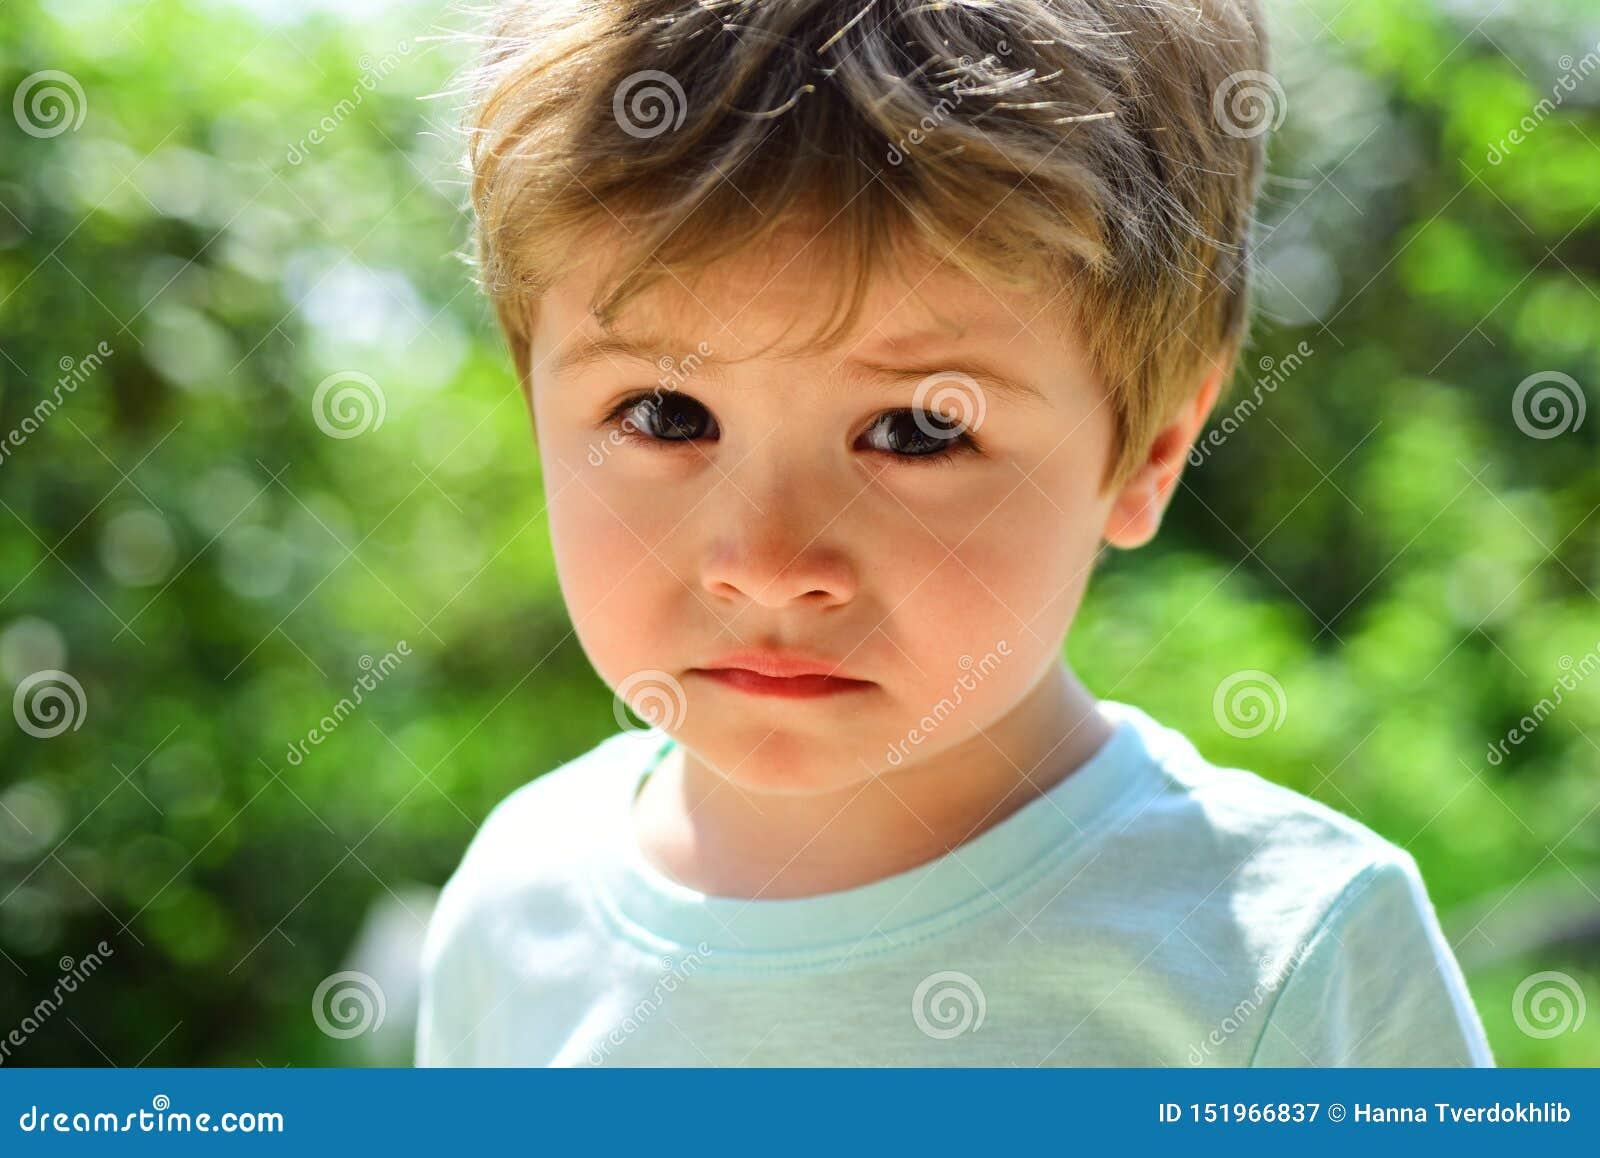 Trauriges Kind, Nahaufnahmeporträt Ein frustriertes Kind ohne Stimmung Traurige Gefühle auf einem schönen Gesicht Kind in der Nat